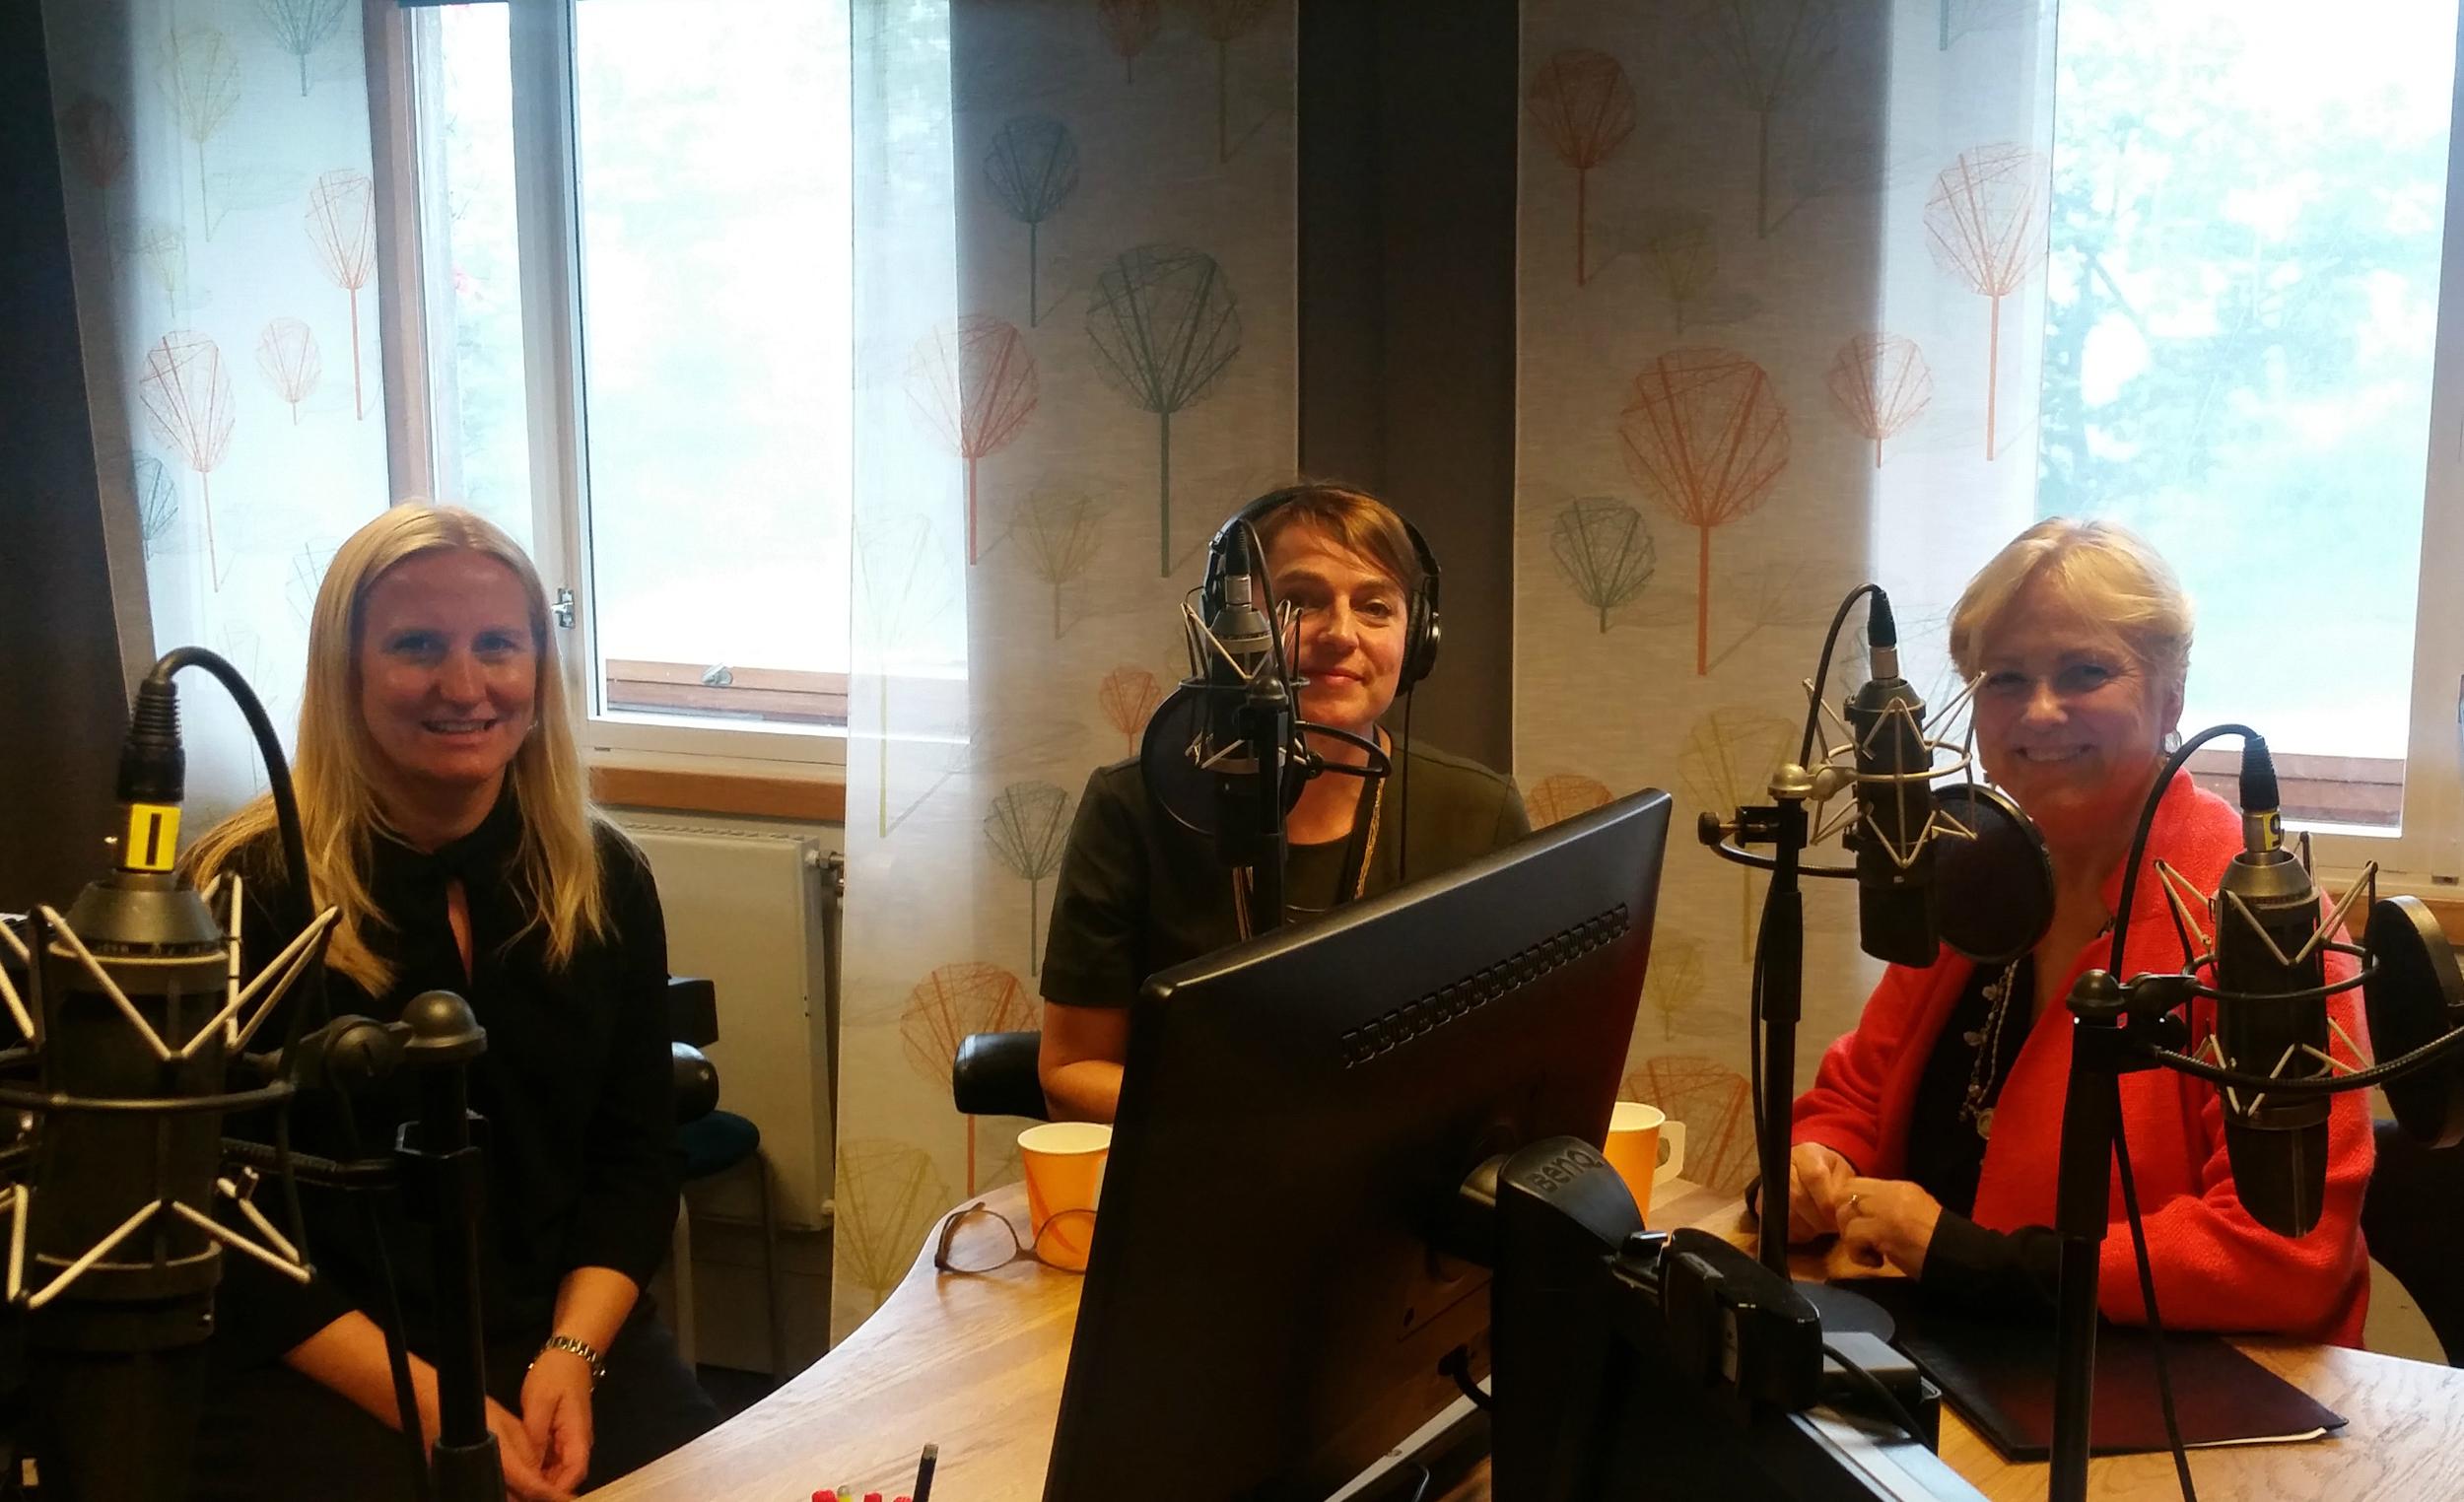 KUNSTERØKONOMI:  Serien «Hva lever du av?» medførte at kulturminister Thorhild Widvey (t.h.) måtte svare for seg i Kulturhuset NRK P2. Foto: NRK P2.